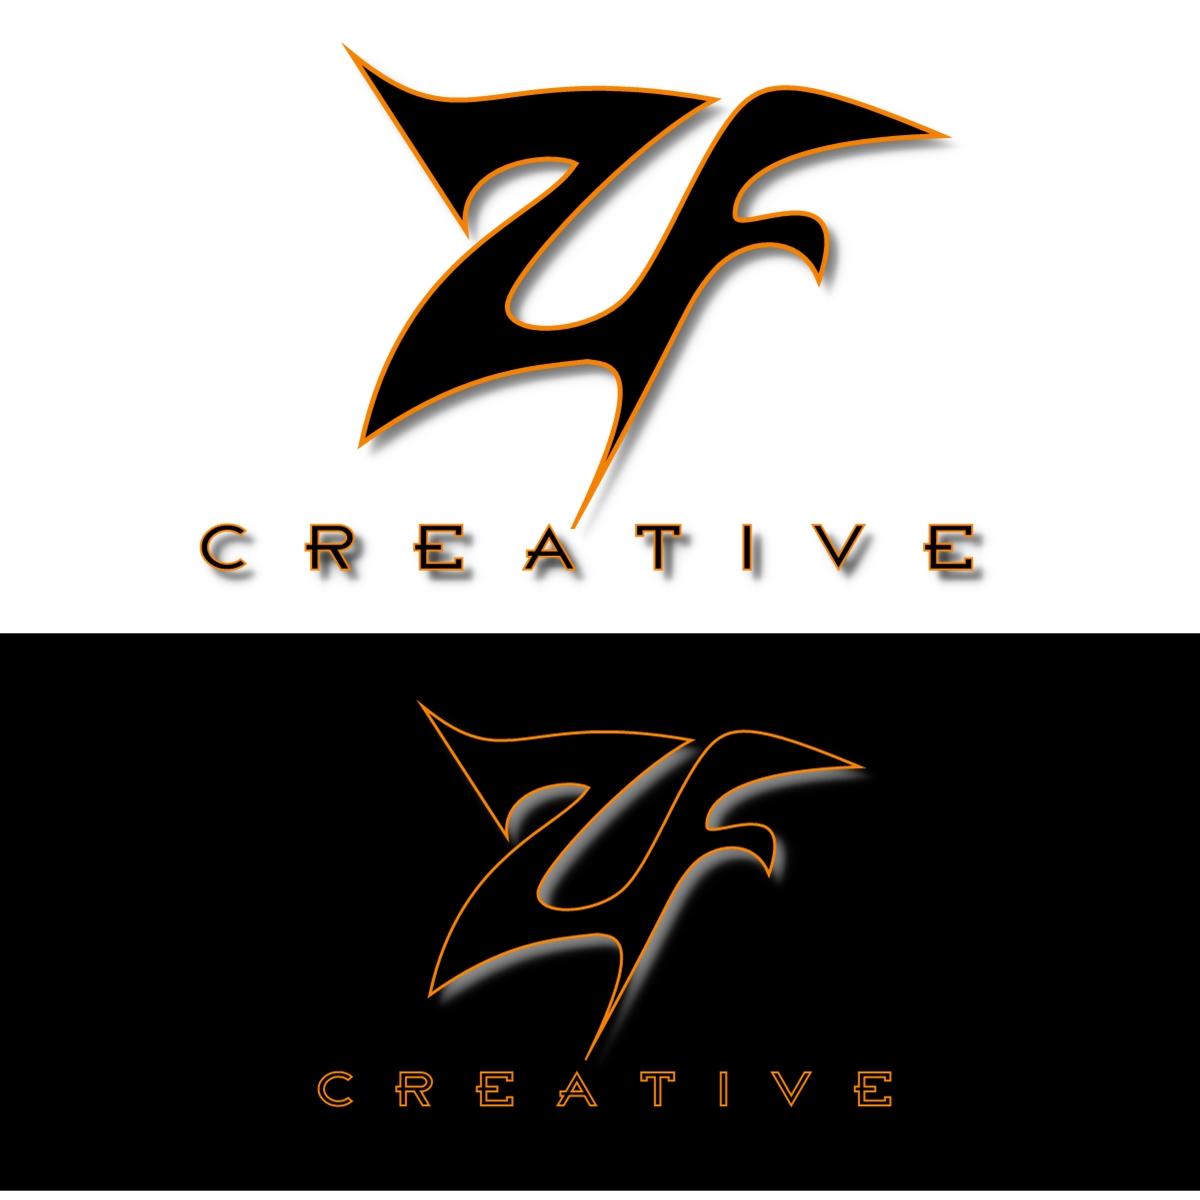 Logo Design by Joseph calunsag Cagaanan - Entry No. 40 in the Logo Design Contest ZF Creative Logo Contest.